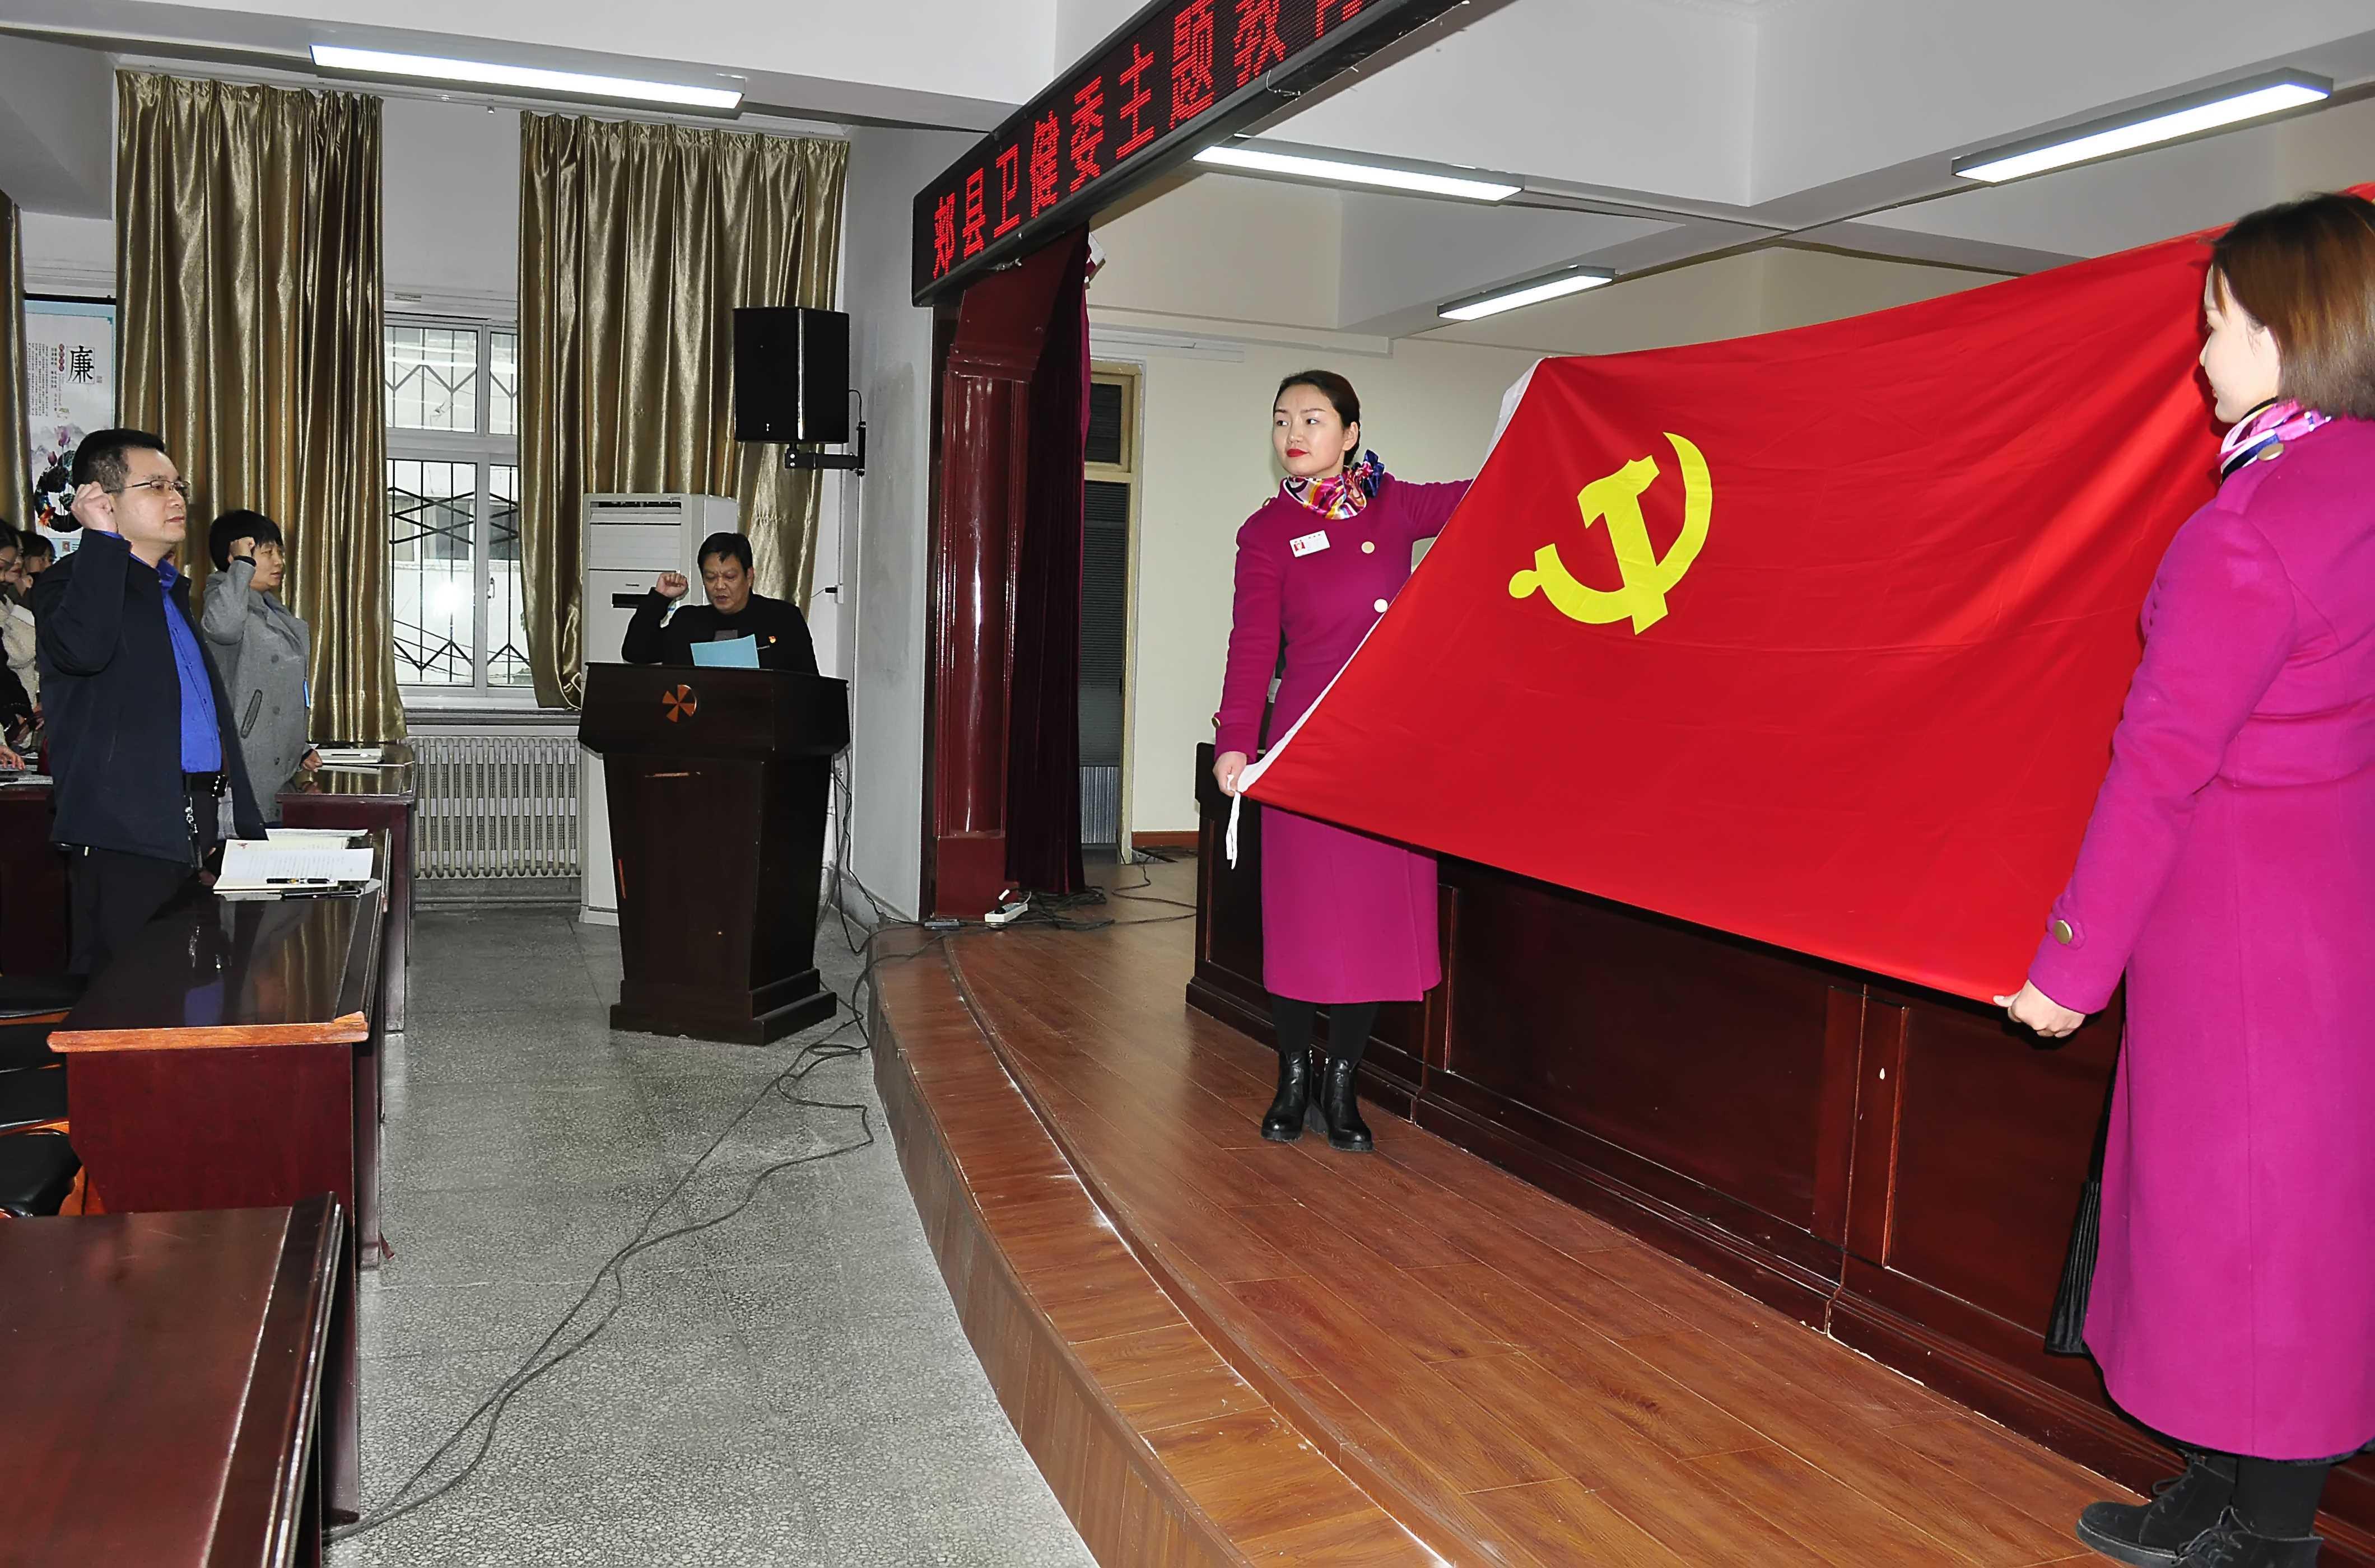 2019.11.26主题党日挑选-_DSC3045